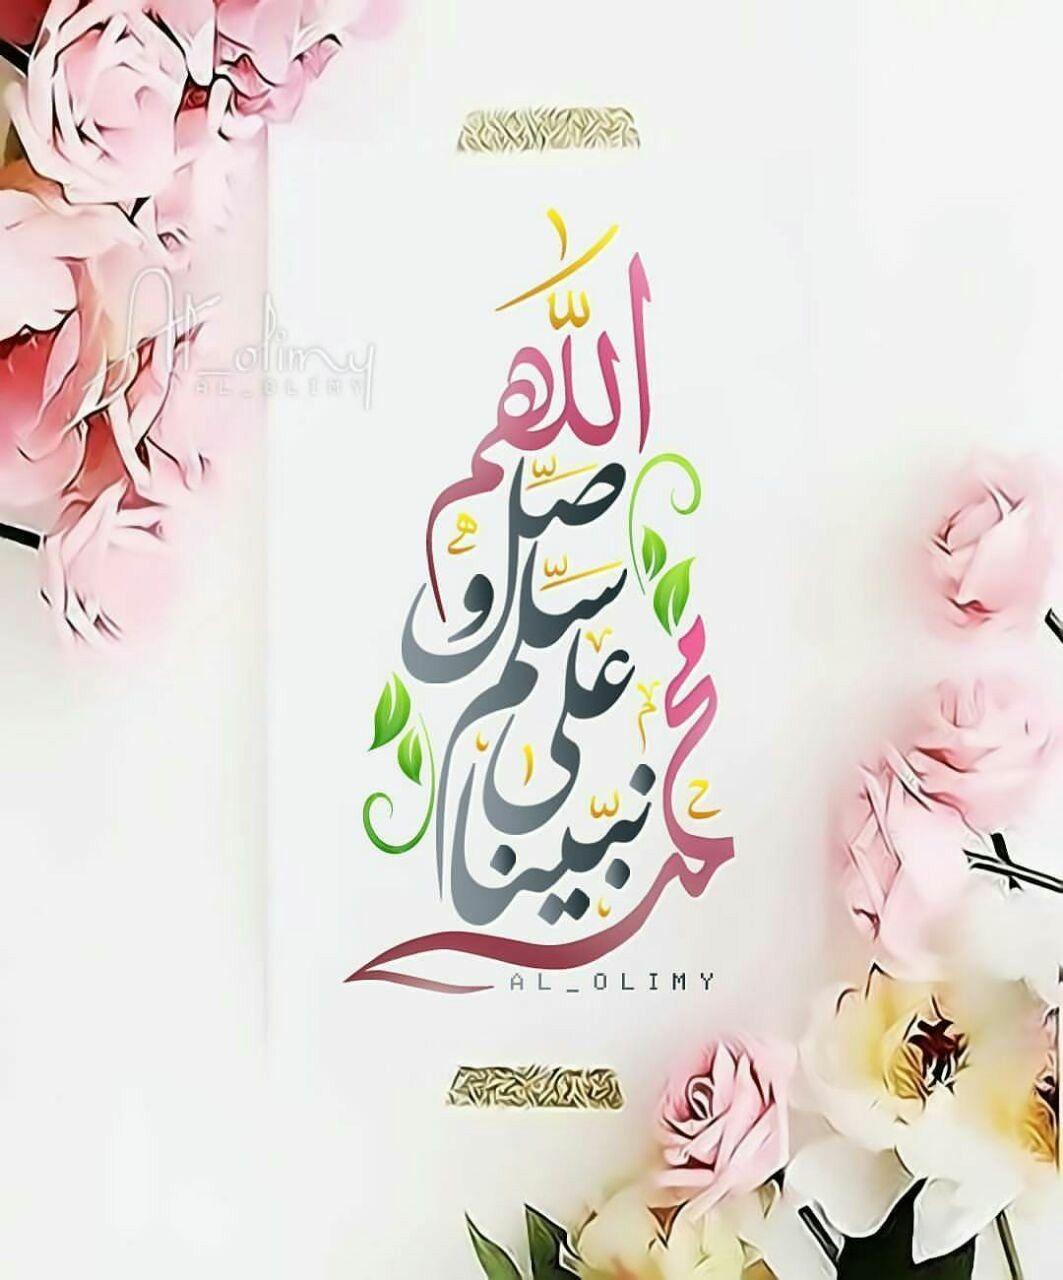 Pin on اللهم صل على محمد